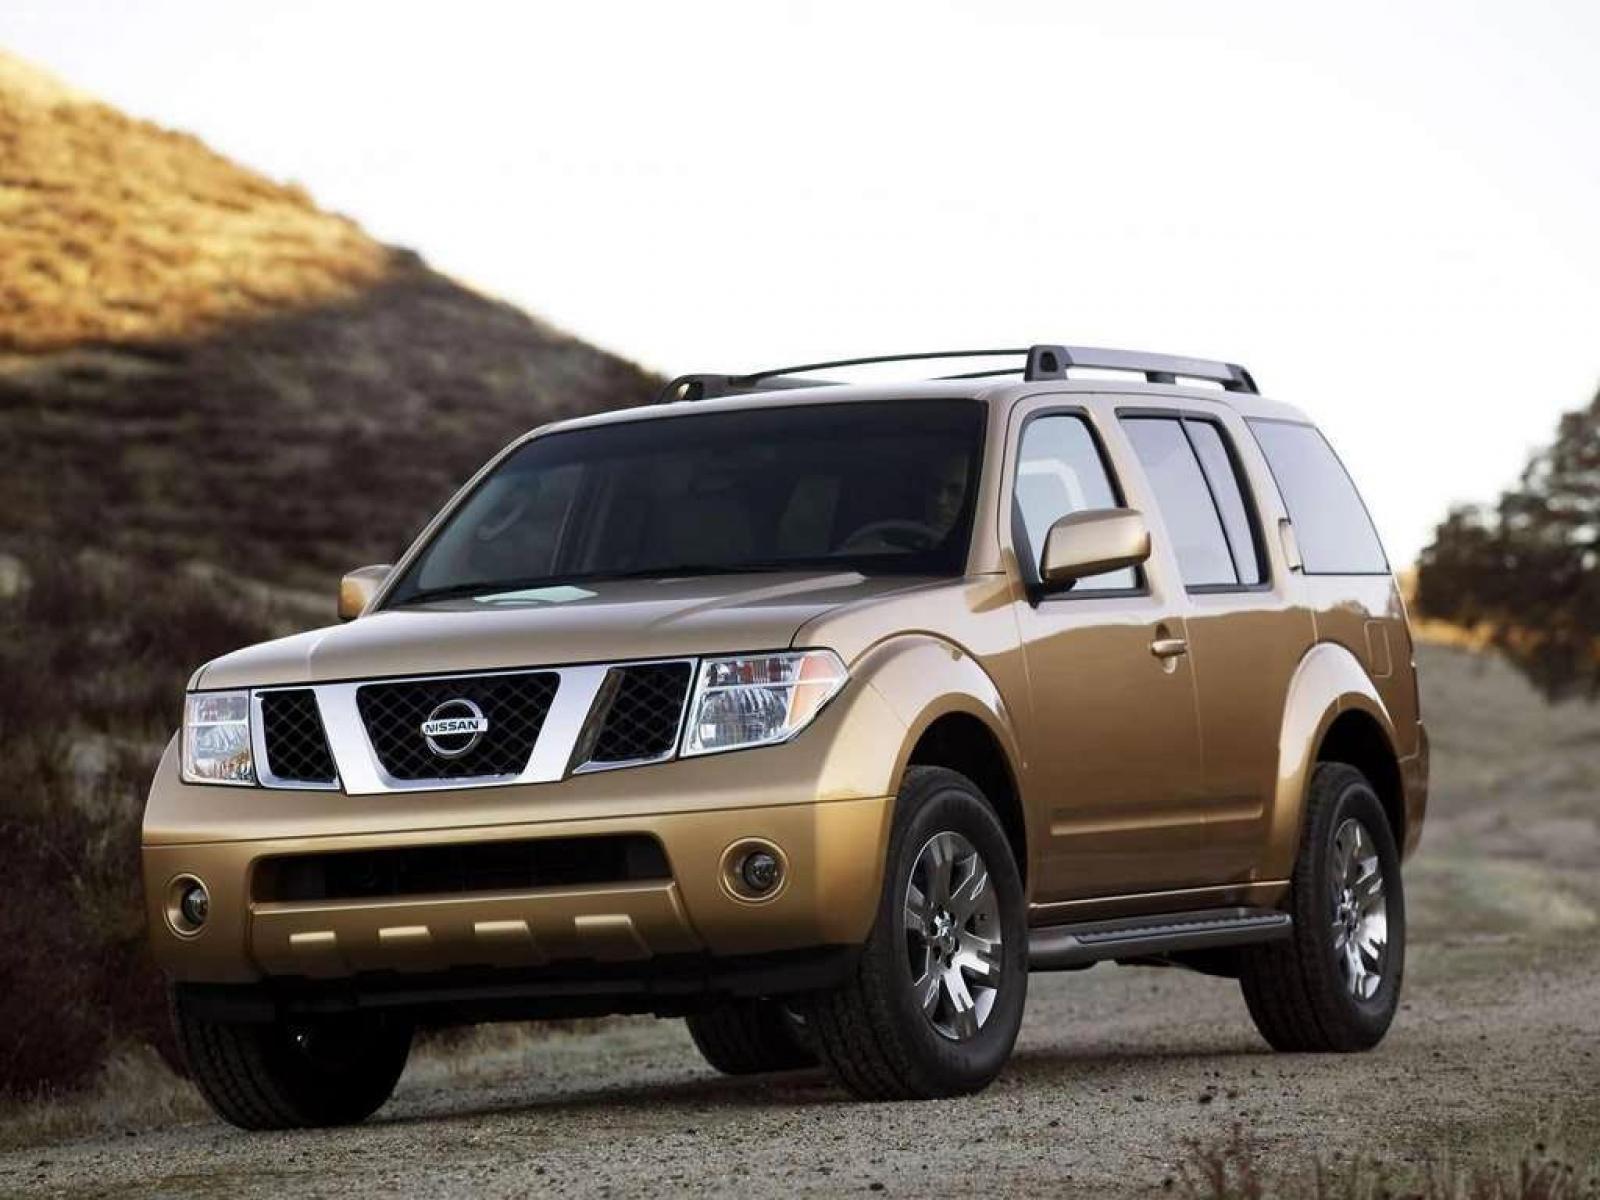 2009 Nissan Pathfinder 12 800 1024 1280 1600 Origin